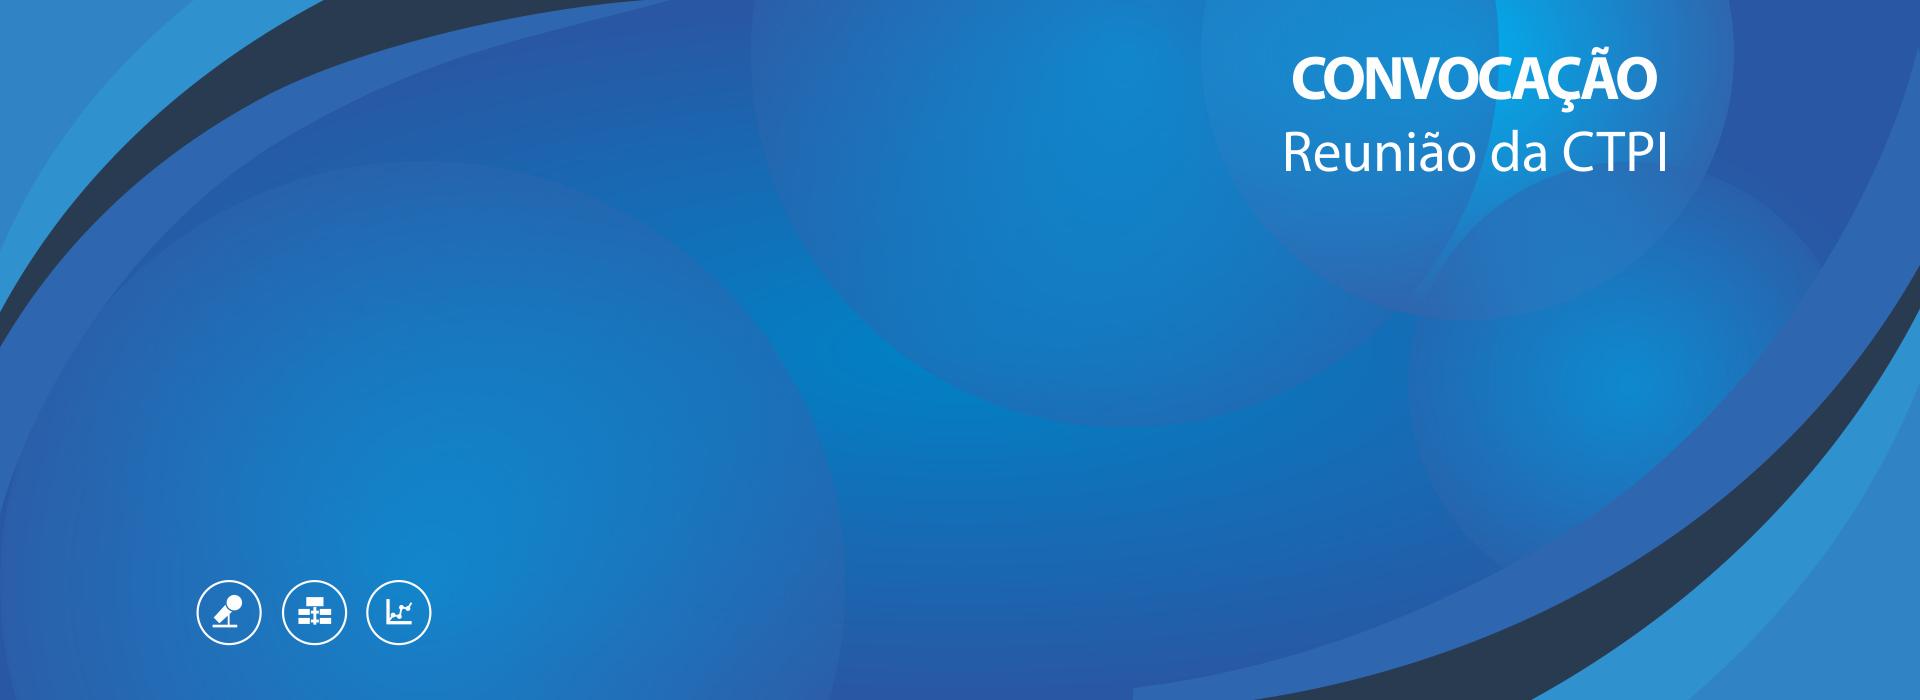 60ª Reunião da Câmara Técnica de Planejamento Institucional do CBH Paranaíba (CTPI)